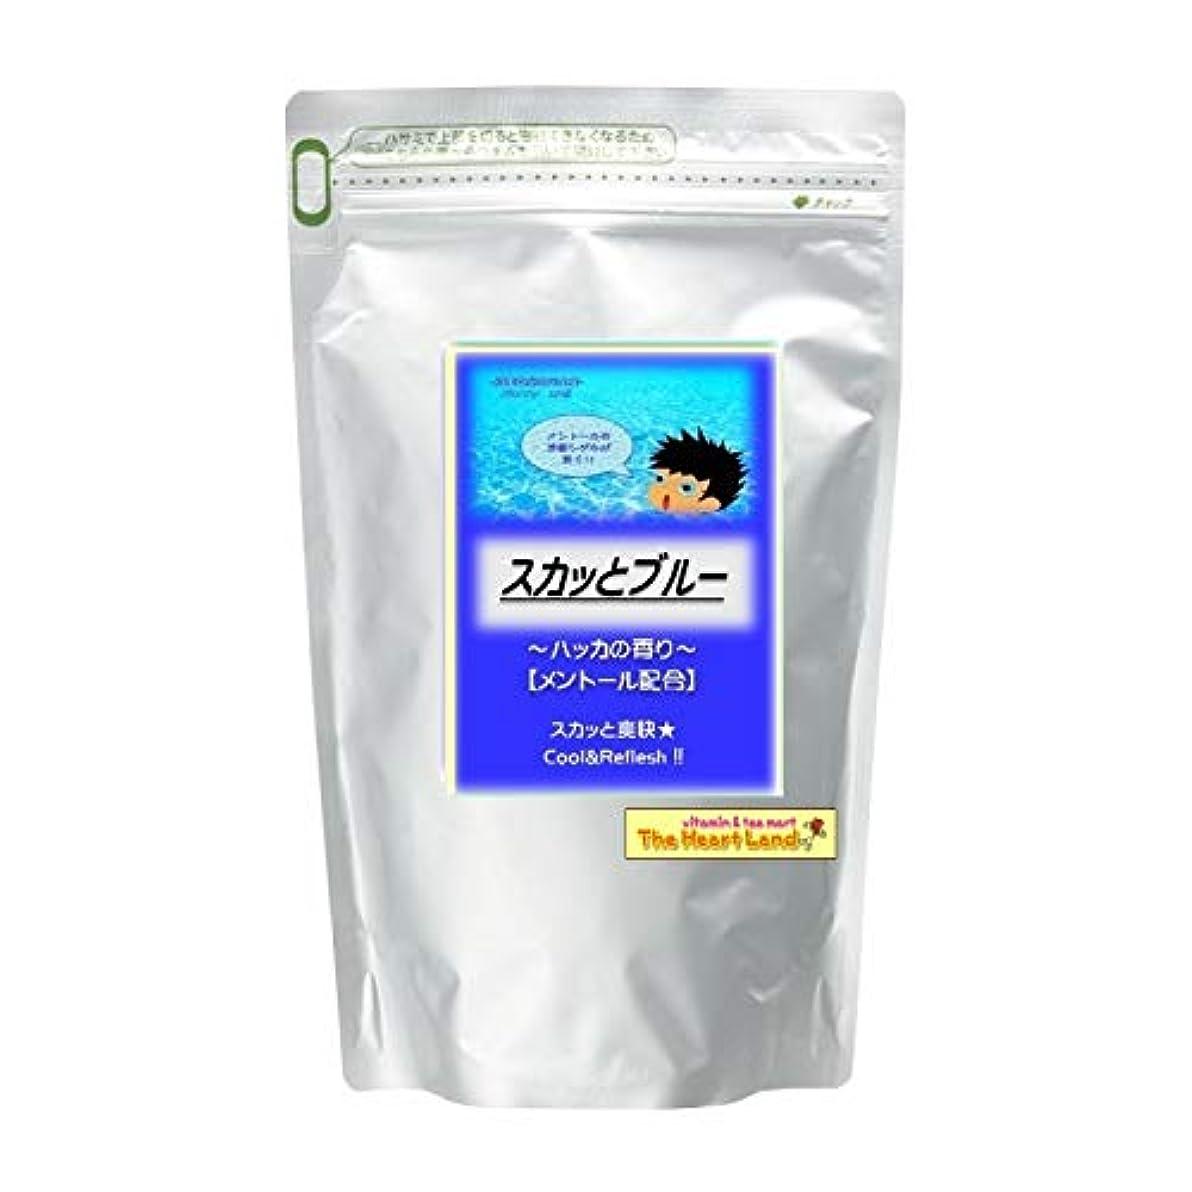 甘美なリマークつばアサヒ入浴剤 浴用入浴化粧品 スカッとブルー 300g